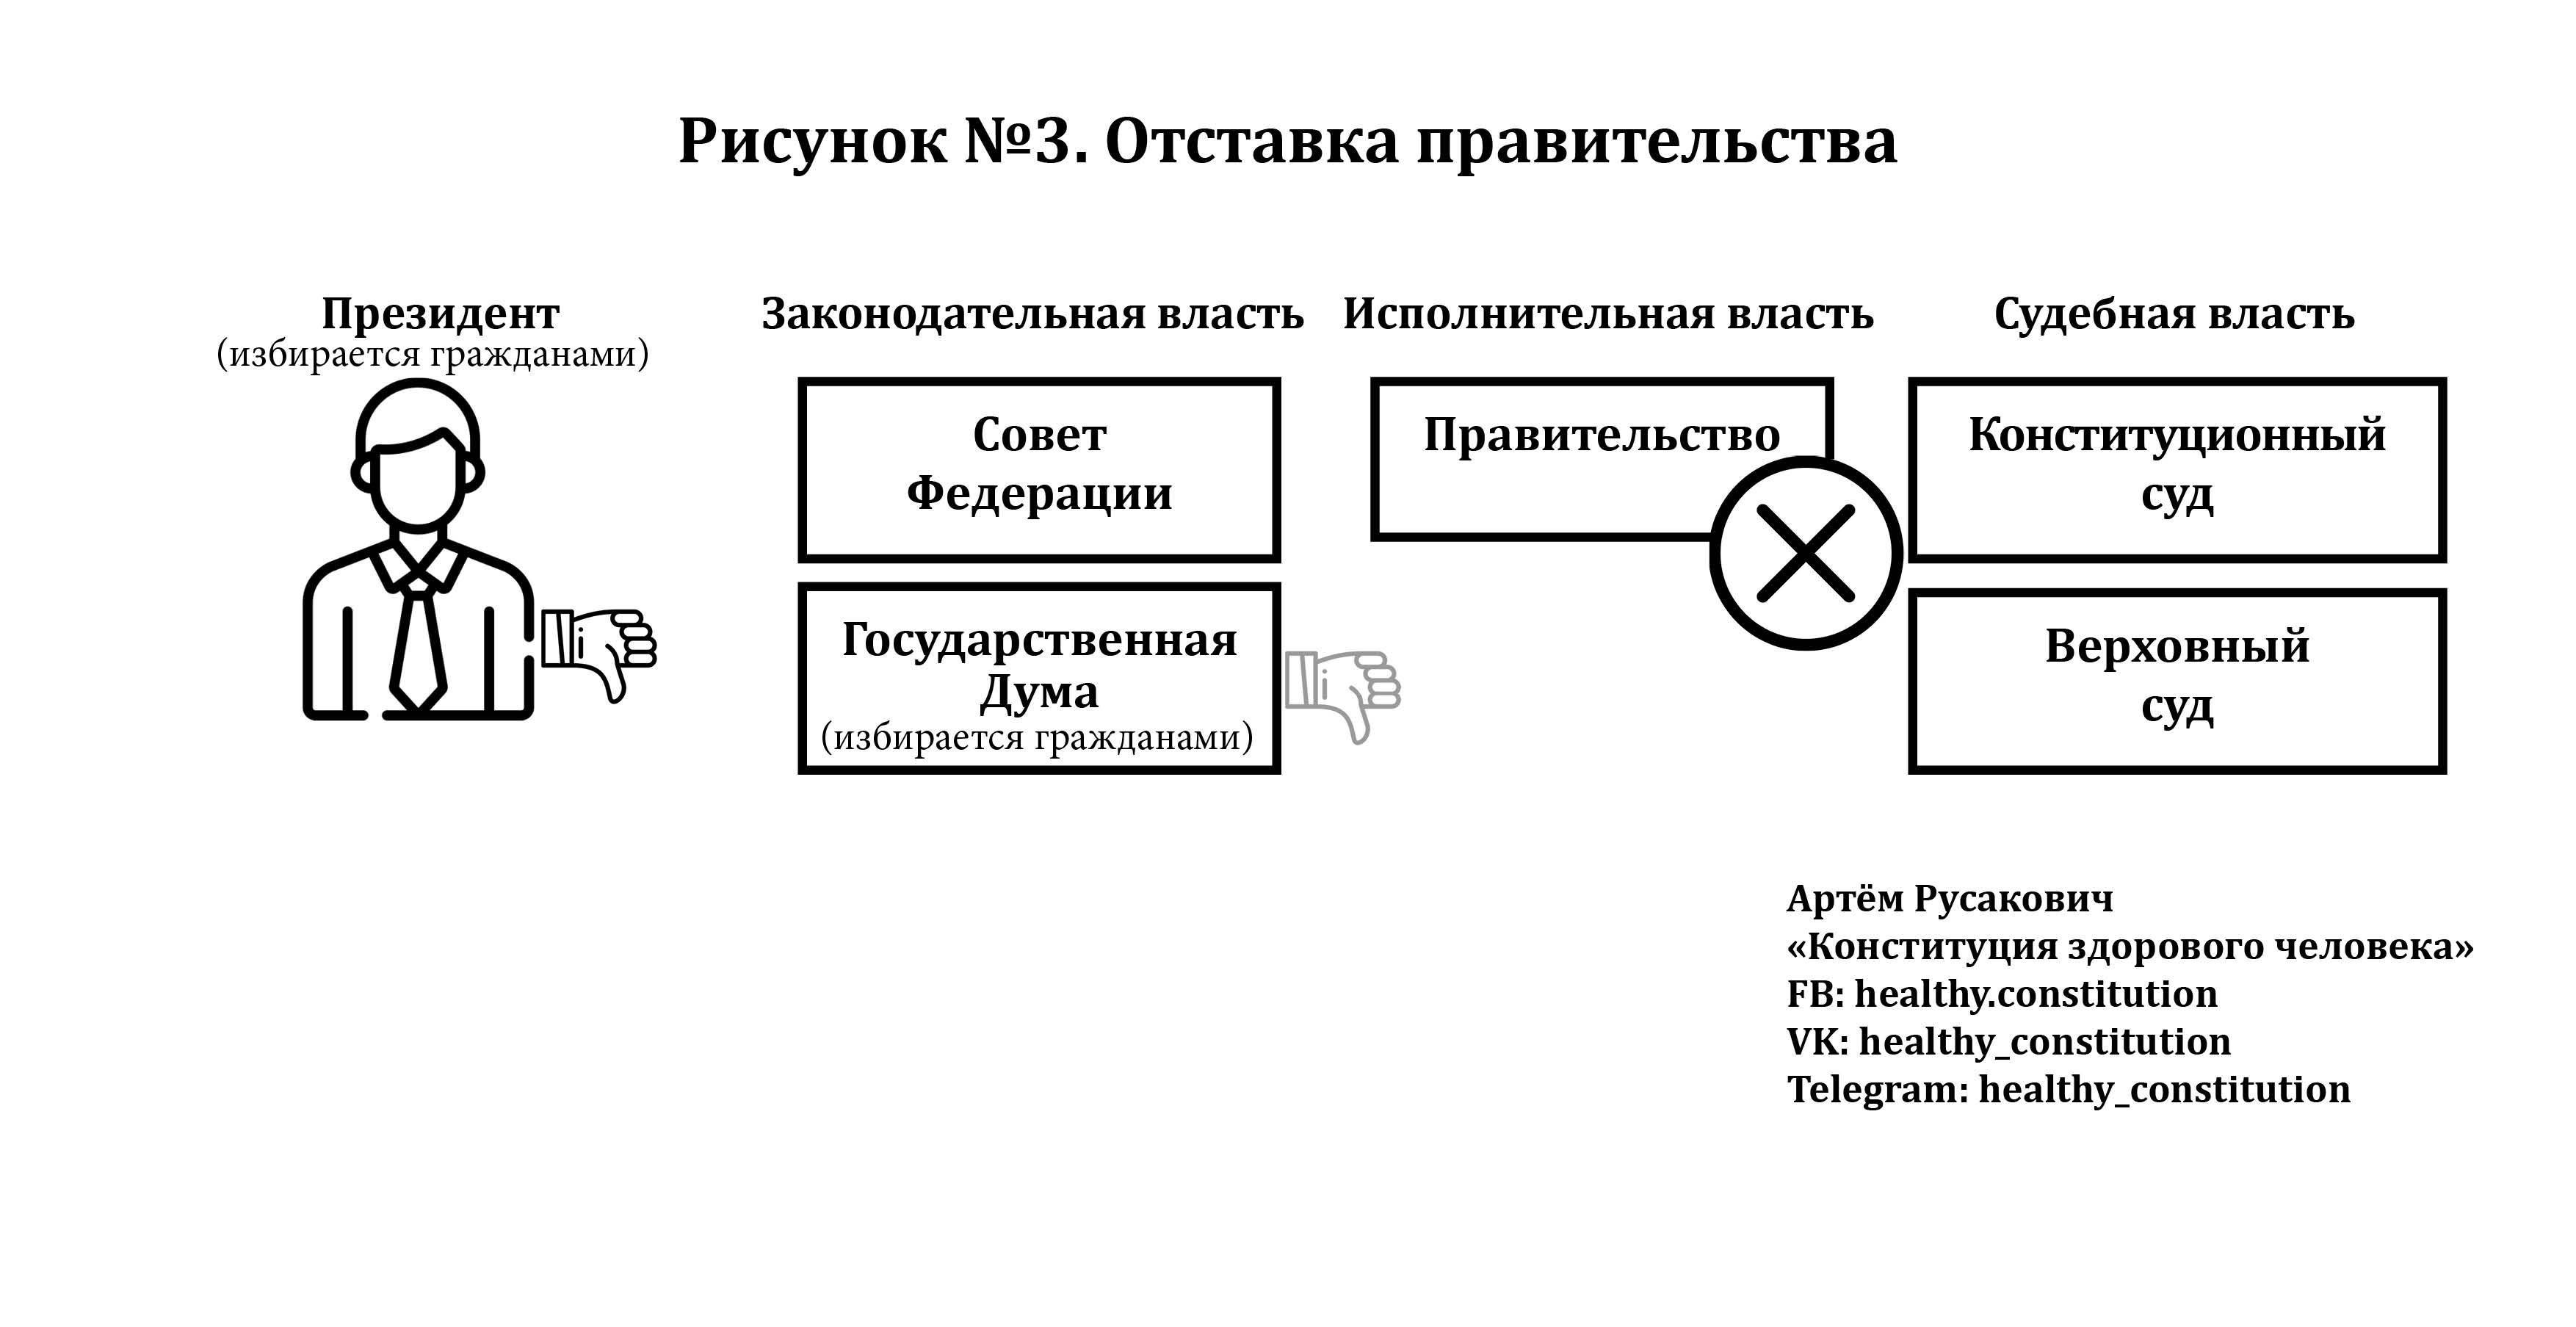 Егэ. обществознание. политика. 4.1. понятие власти